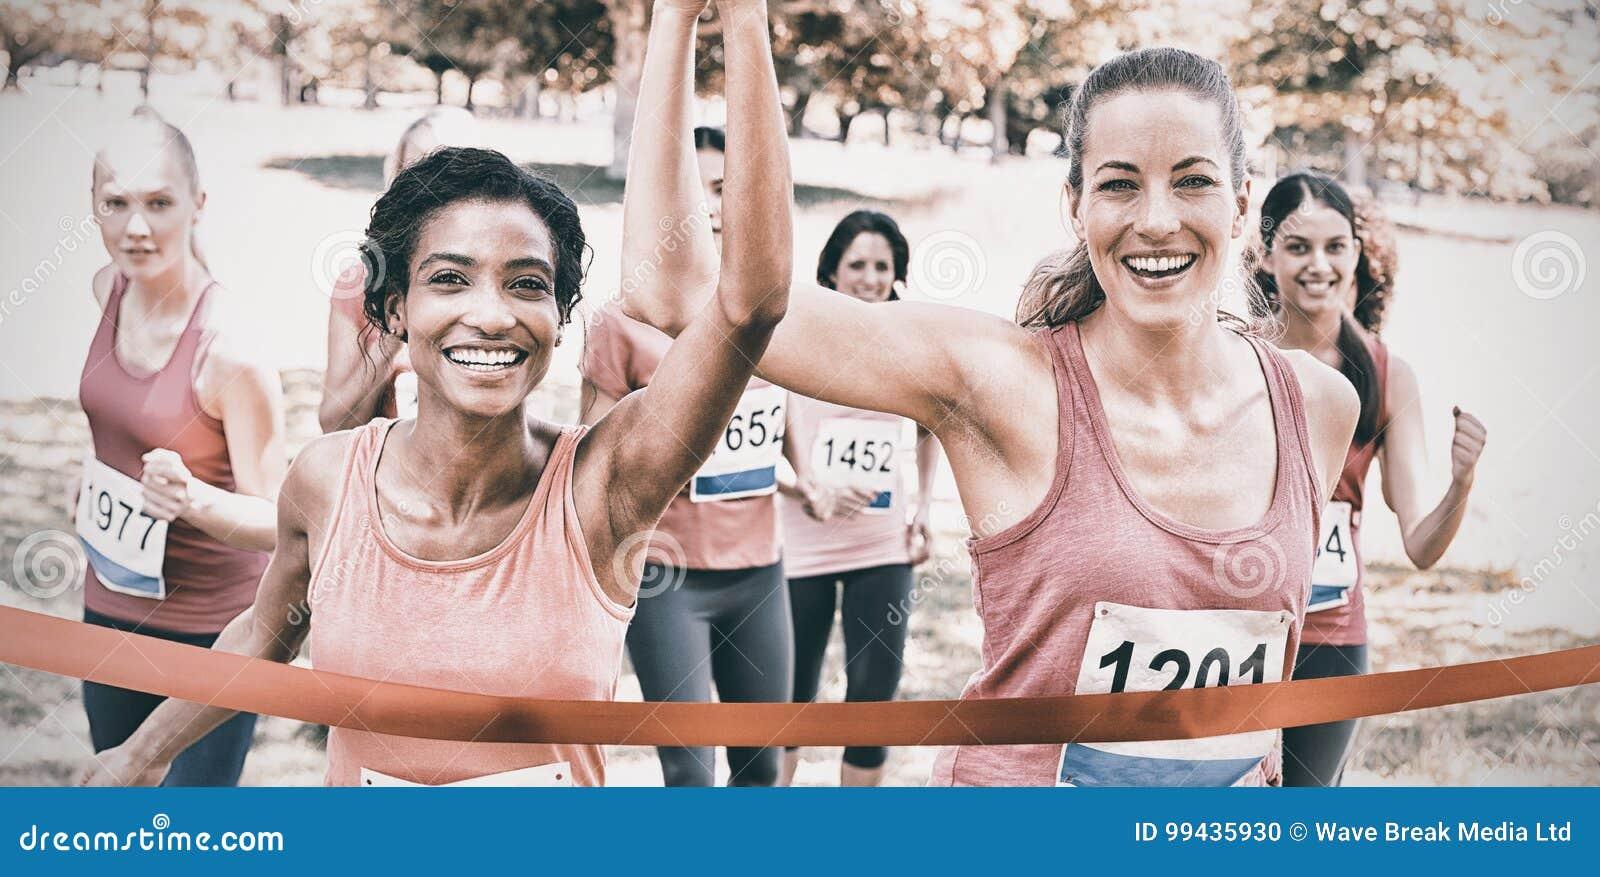 Brustkrebsteilnehmer, die Ziellinie am Rennen kreuzen